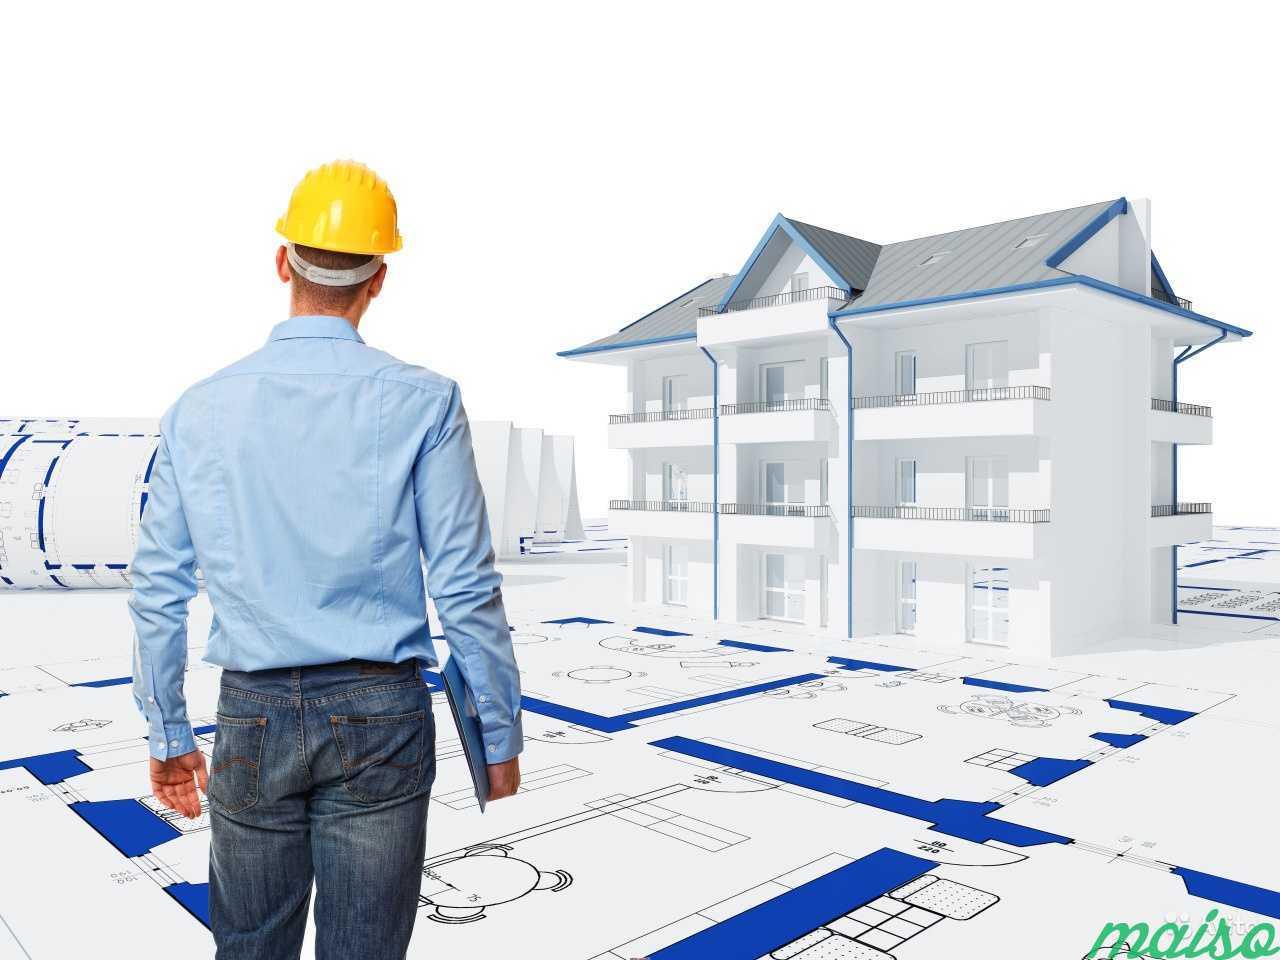 картинка для строительного управления молодую надевают